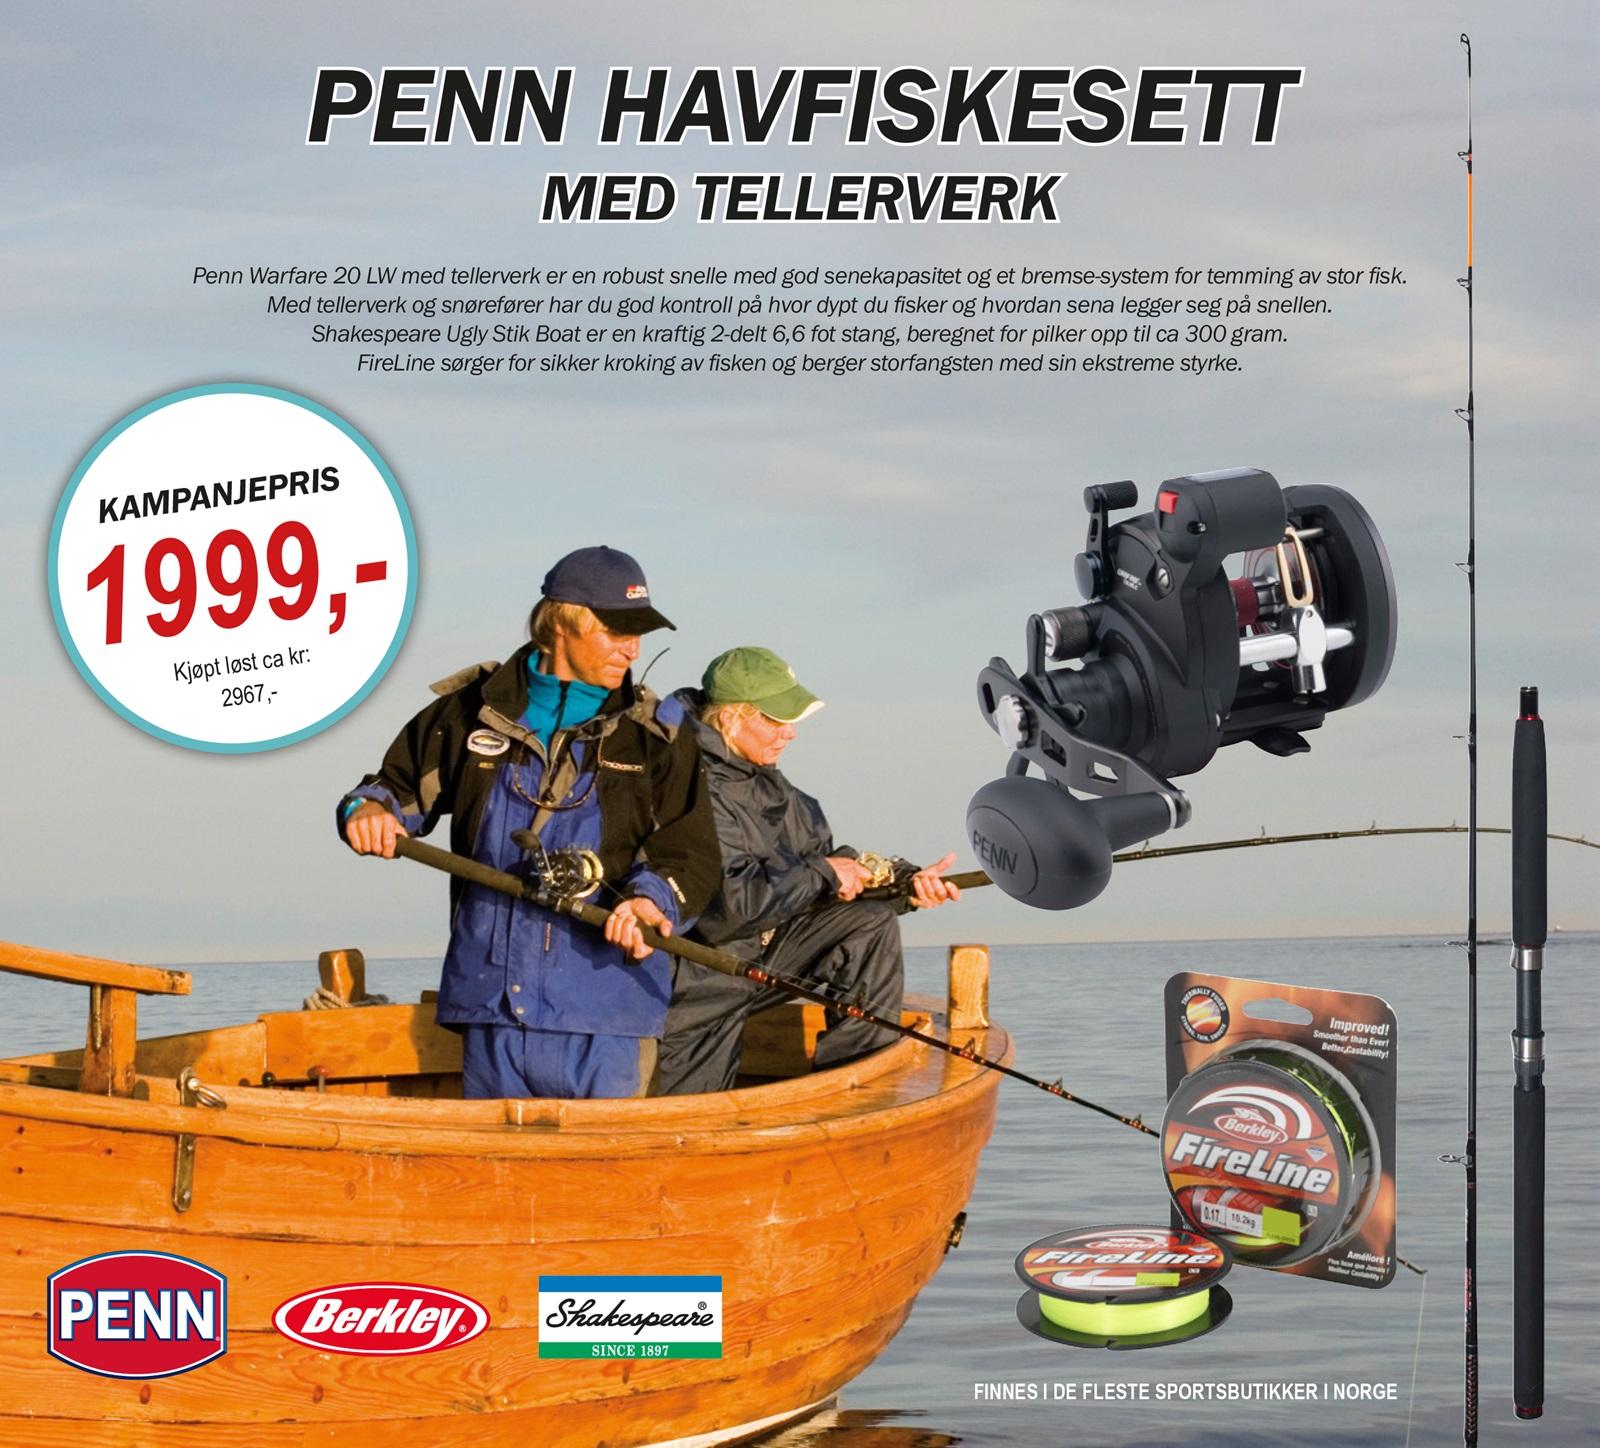 Penn havfiskesett tellerverk